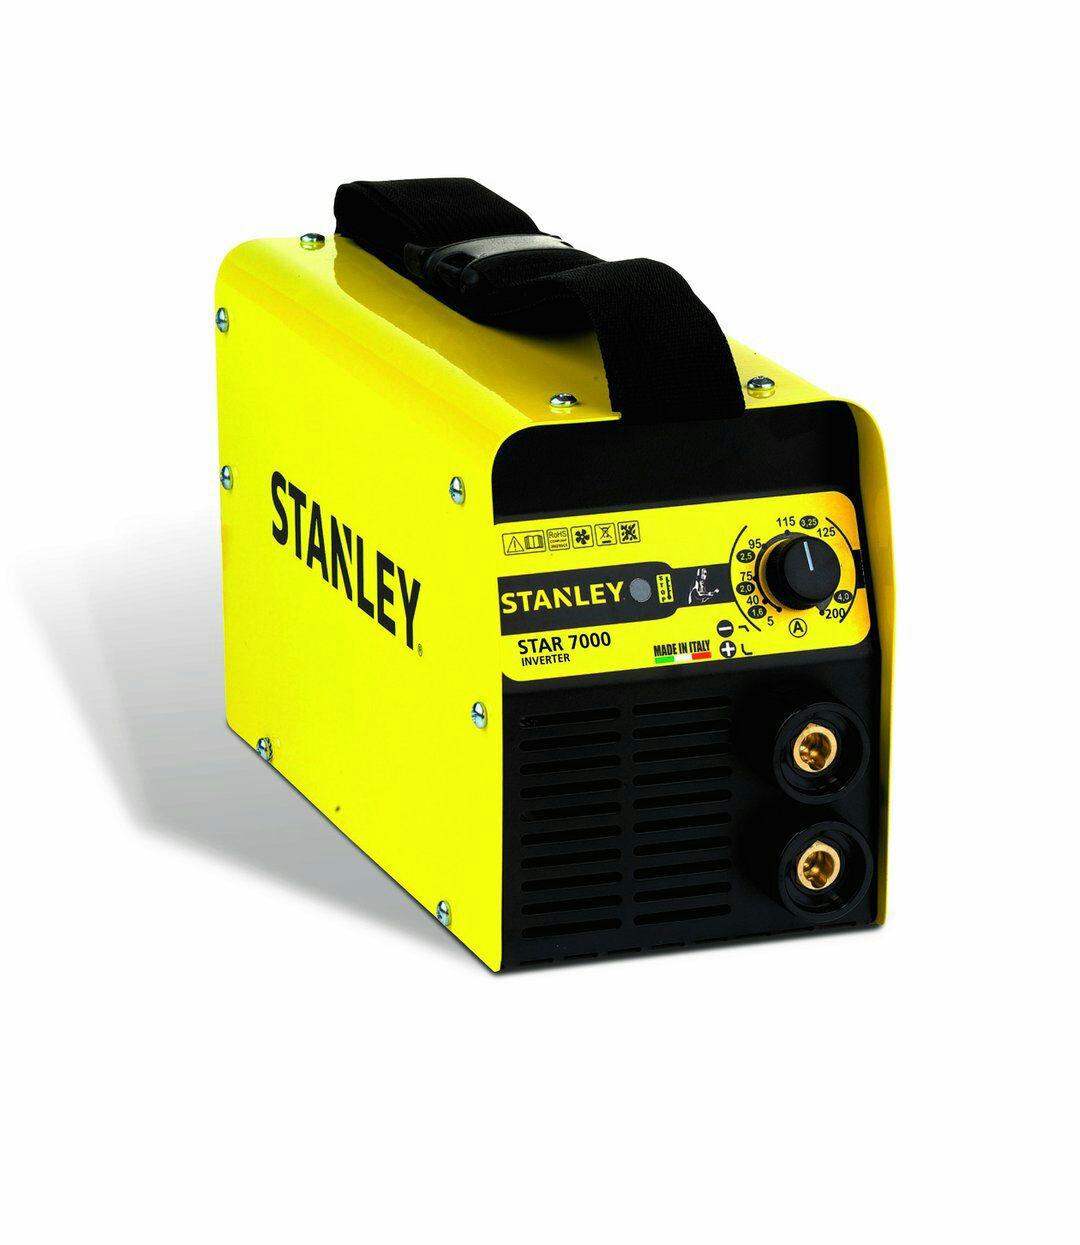 Spawarka inwentorowa Stanley star 7000 + przyłbica + walizka